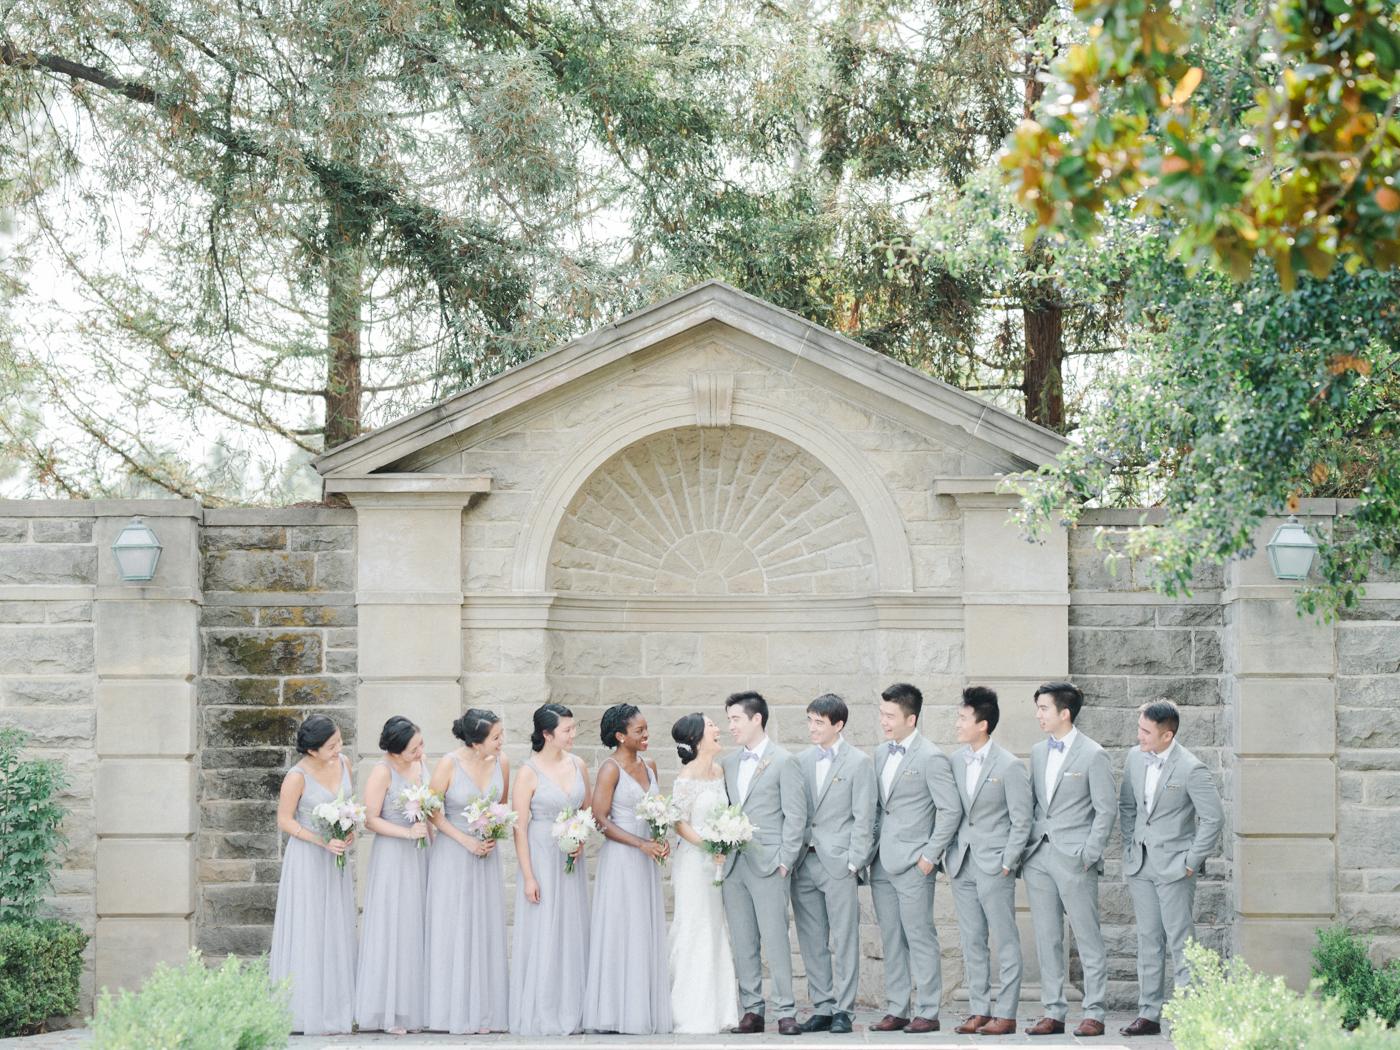 Greystone_Mansion_Wedding_Fine_Art_Film_Wedding_Photography_AKP-14.jpg